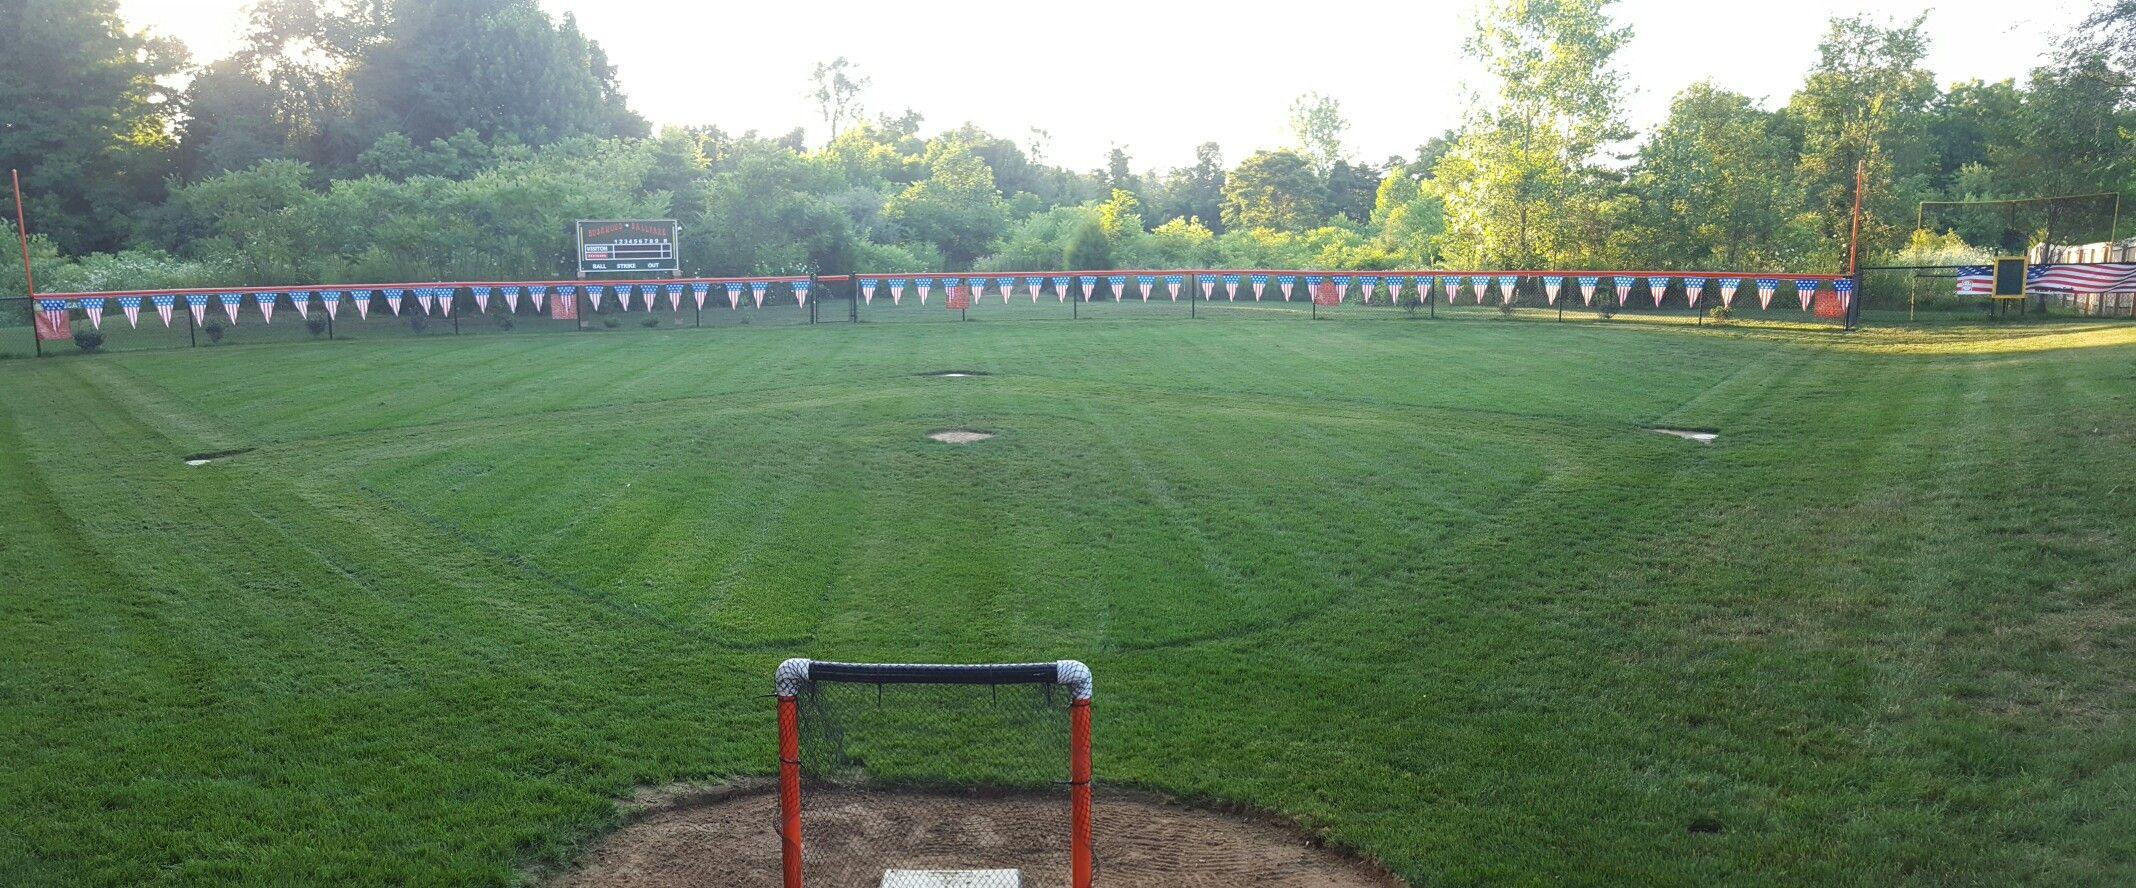 Wiffle ball field | Backyard baseball, Wiffle ball, Wiffle